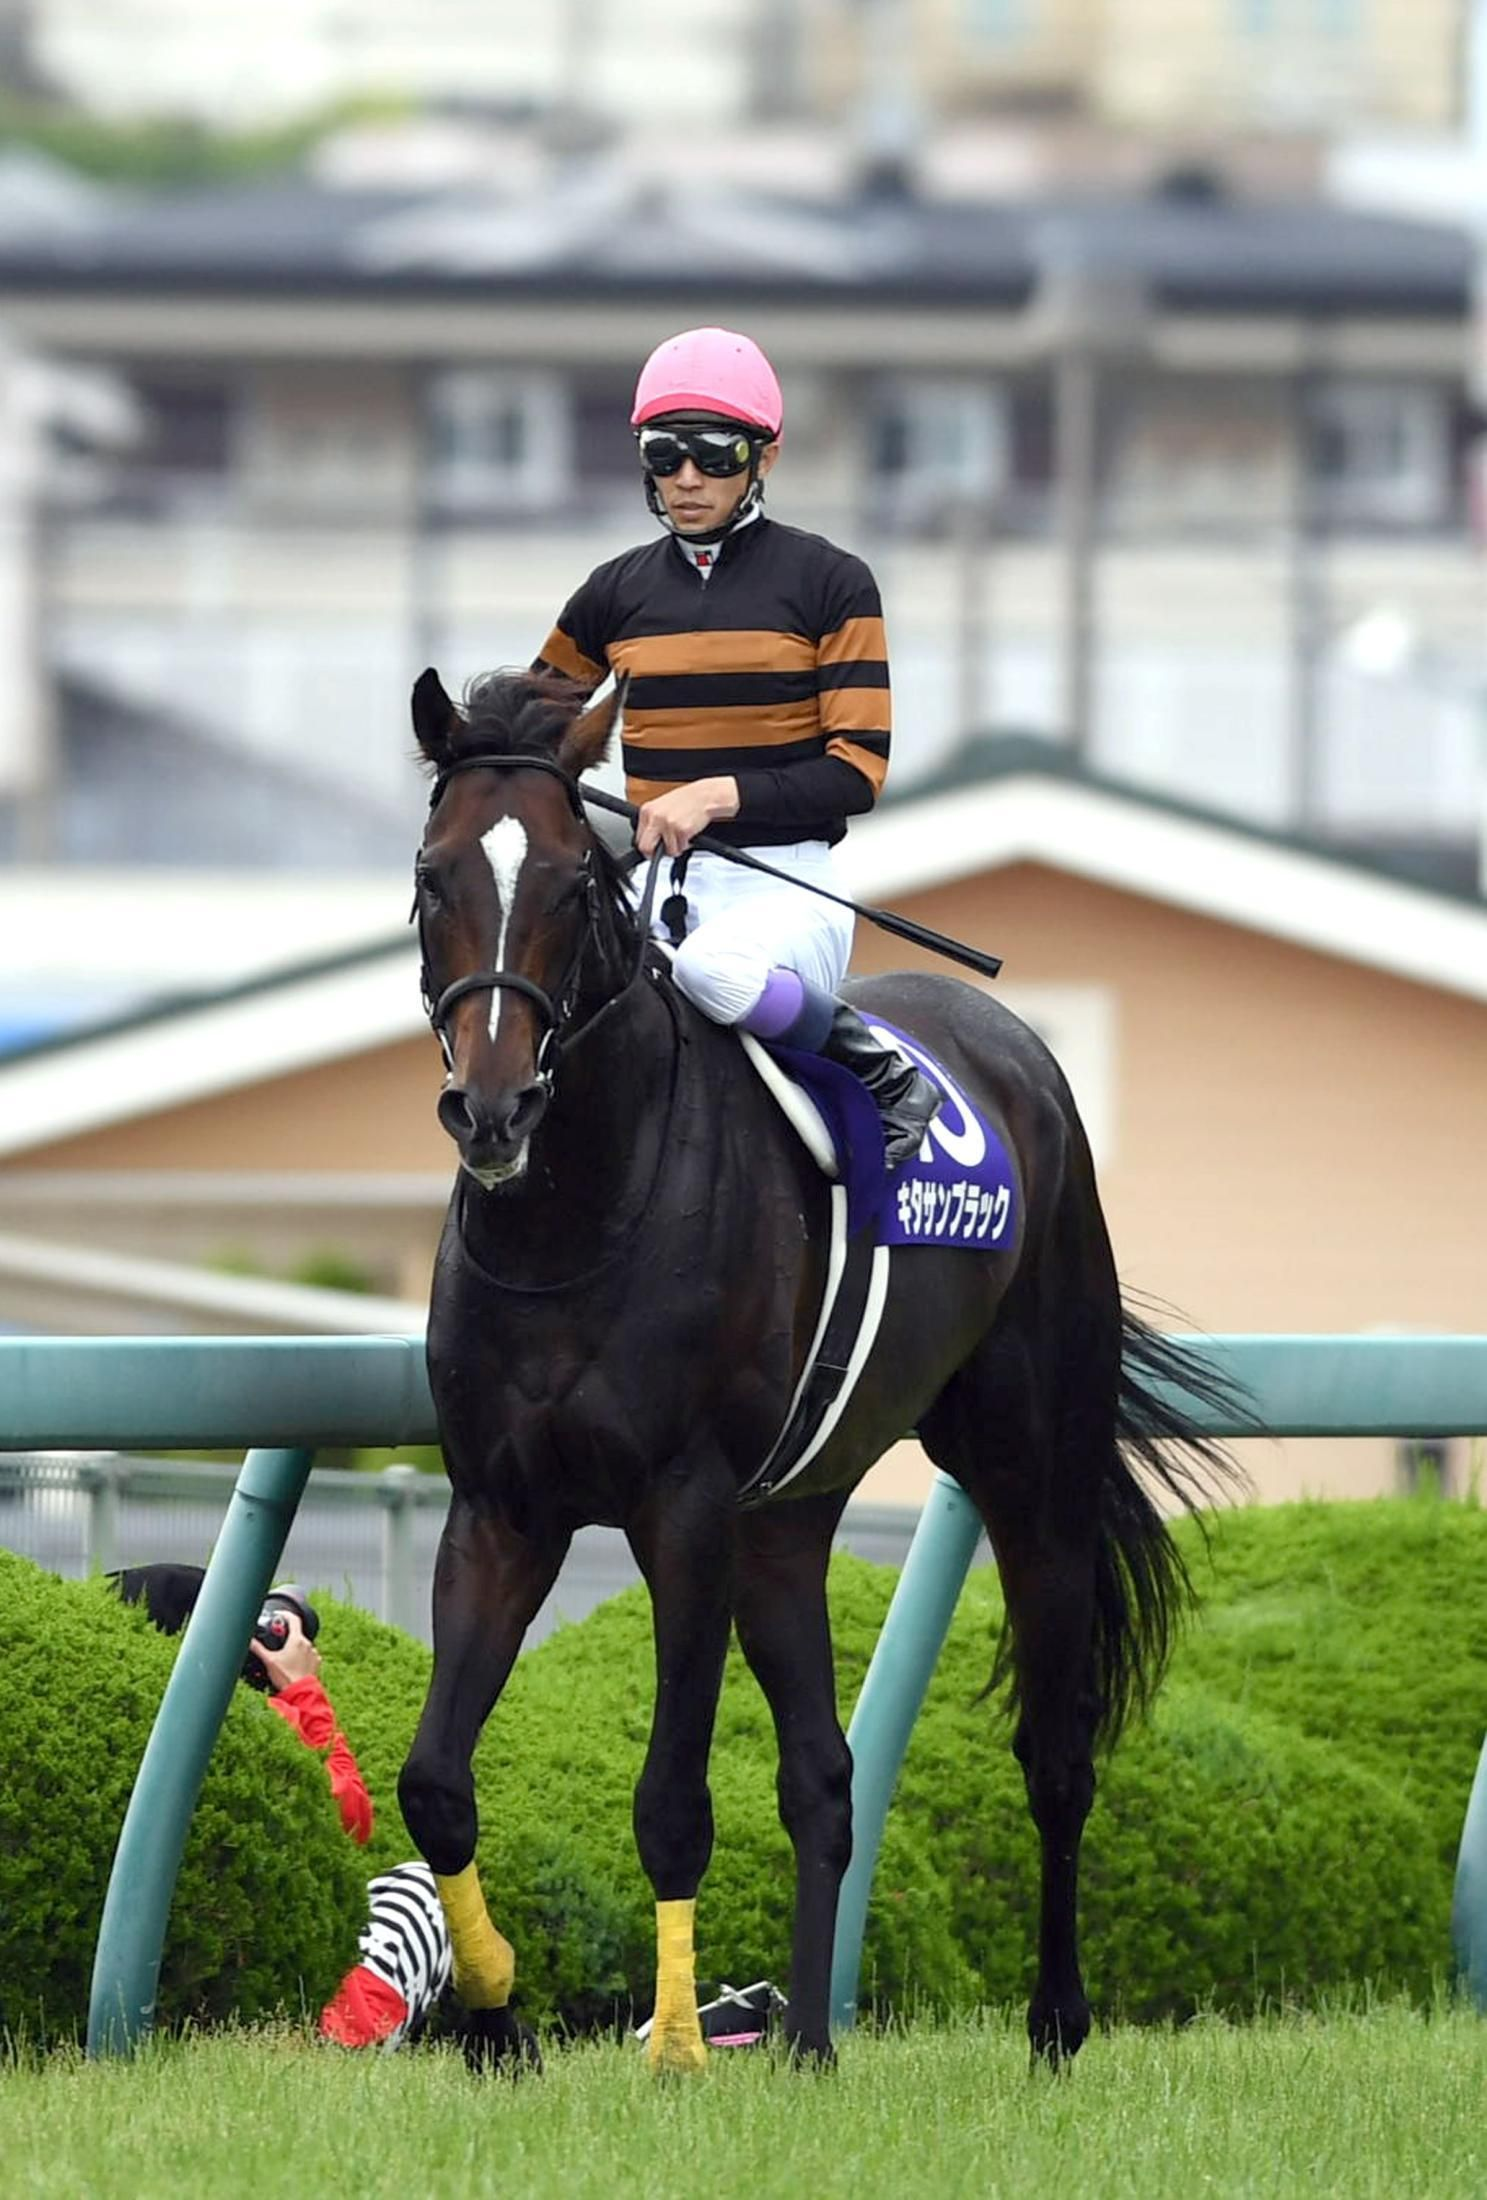 高塚記念競馬とキタサンブラックの壁紙